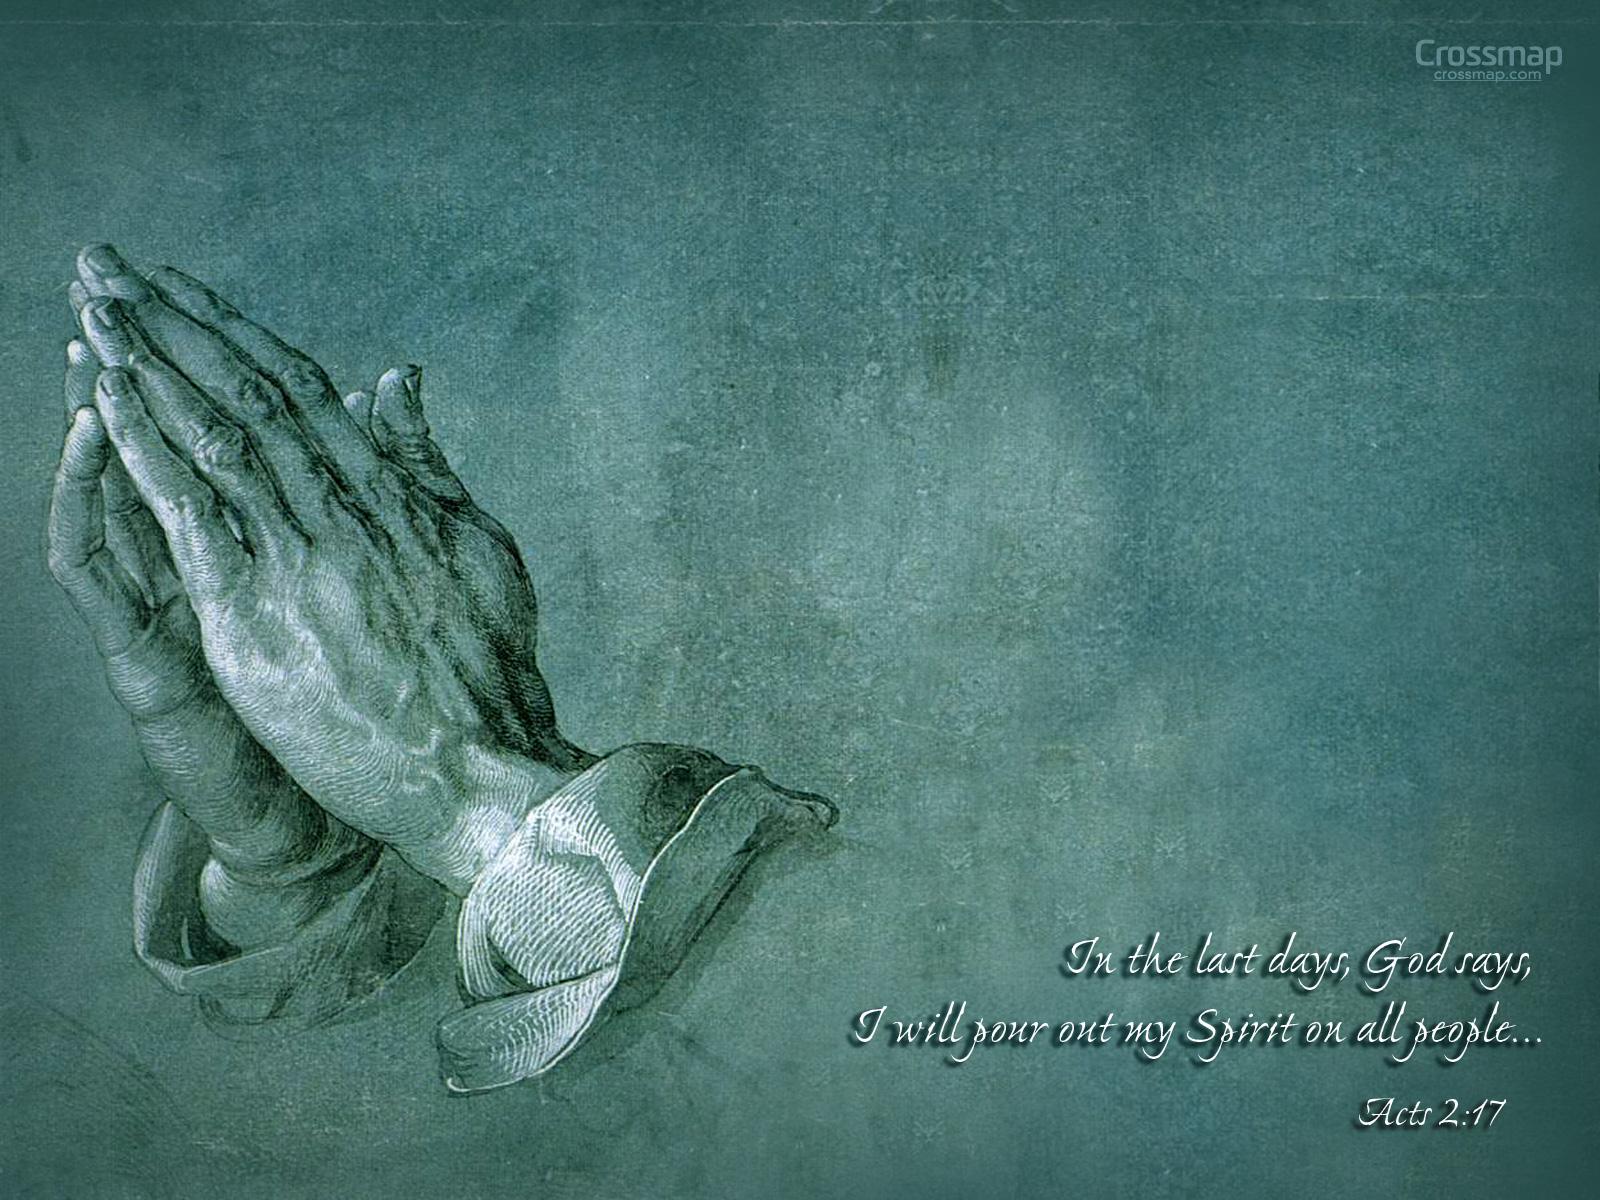 Praying Hands By Albrecht Durer Crossmap 1600x1200